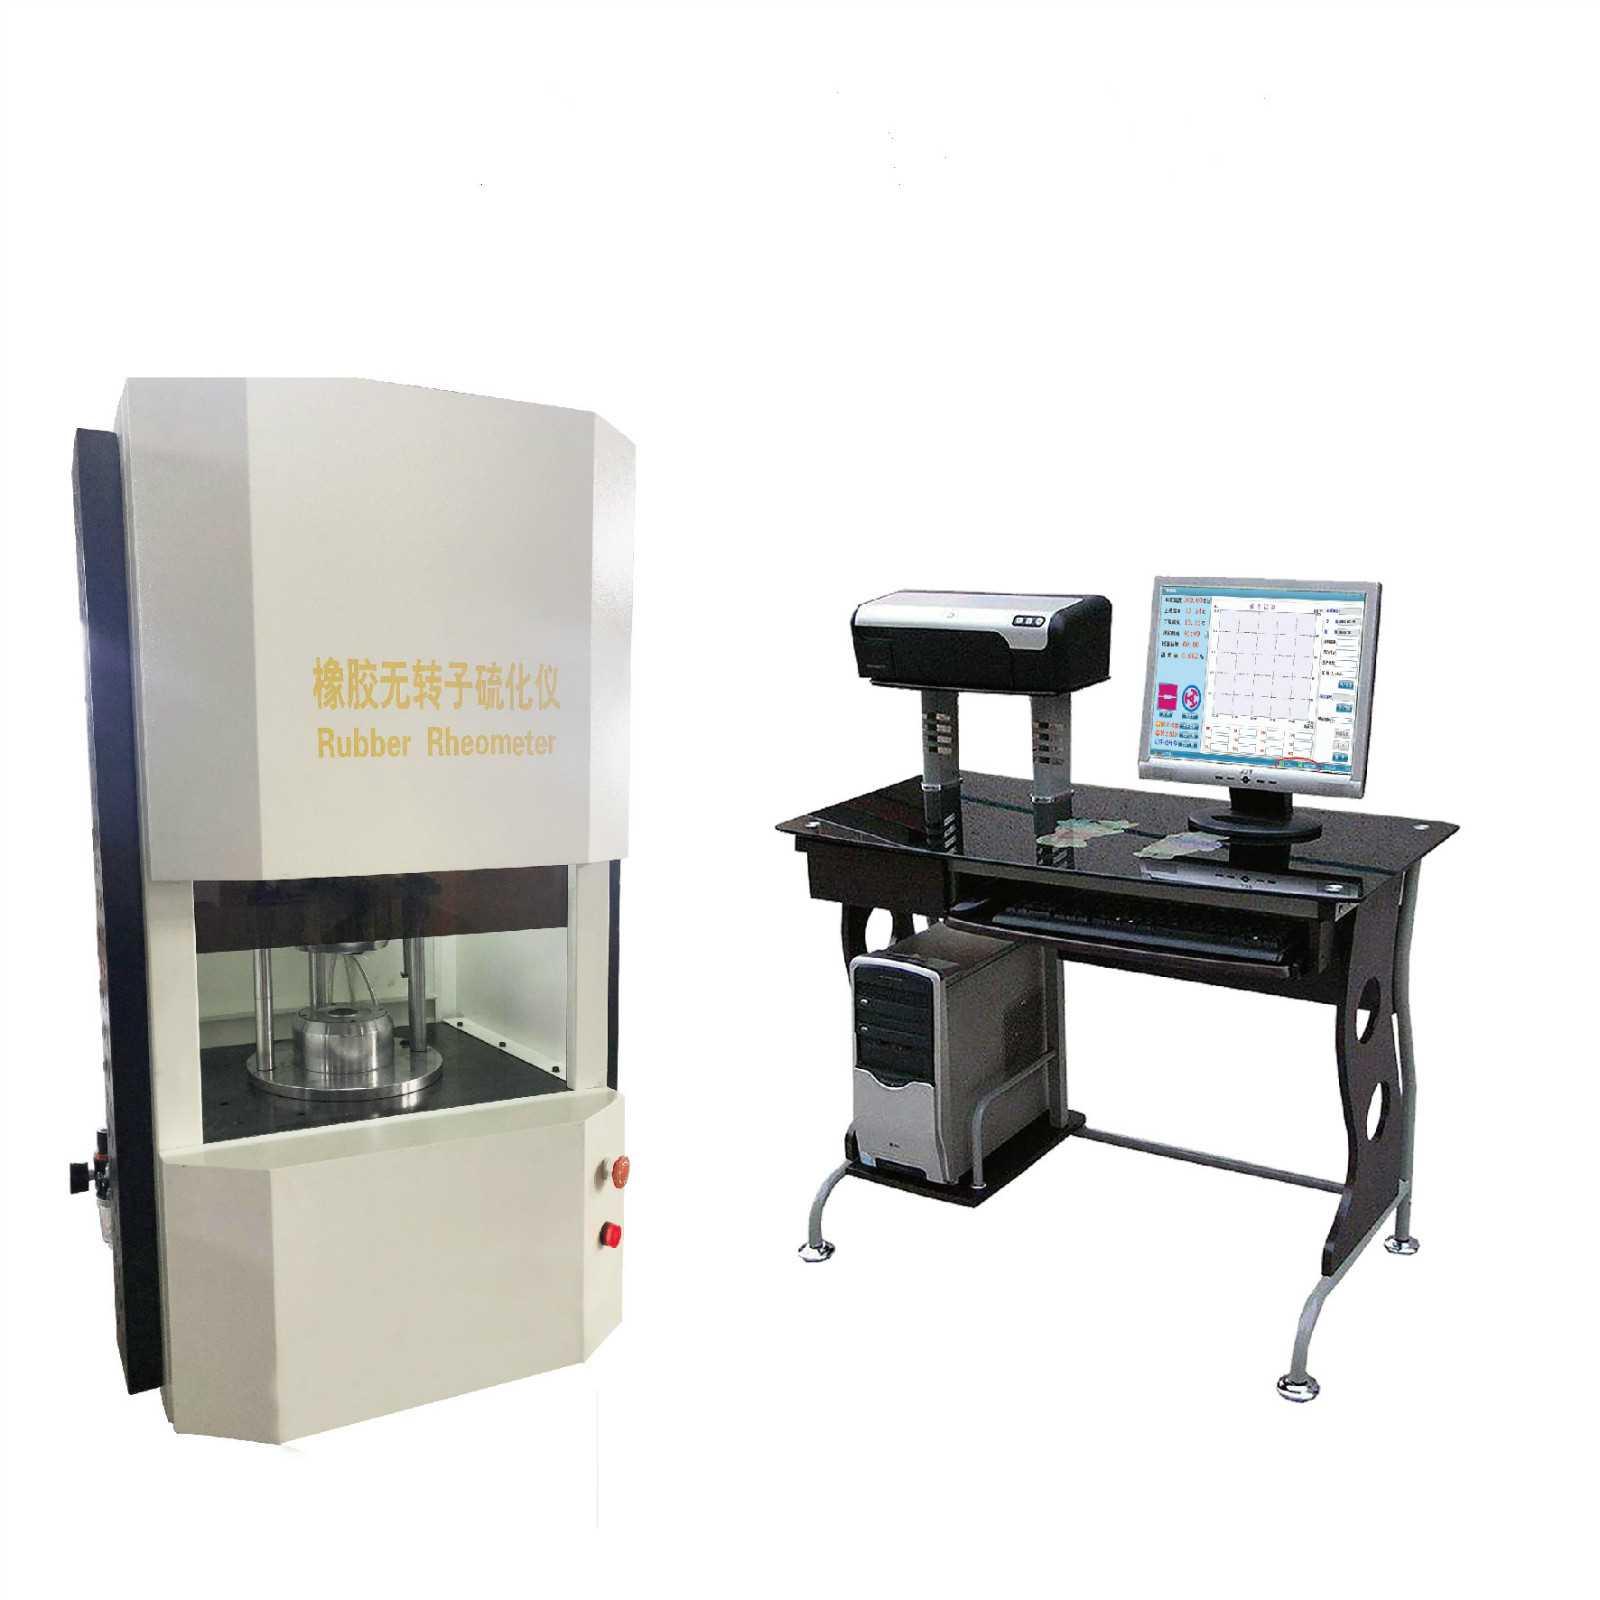 橡胶无转子硫化仪,无转子硫化试验机,电脑无转子硫化试验机